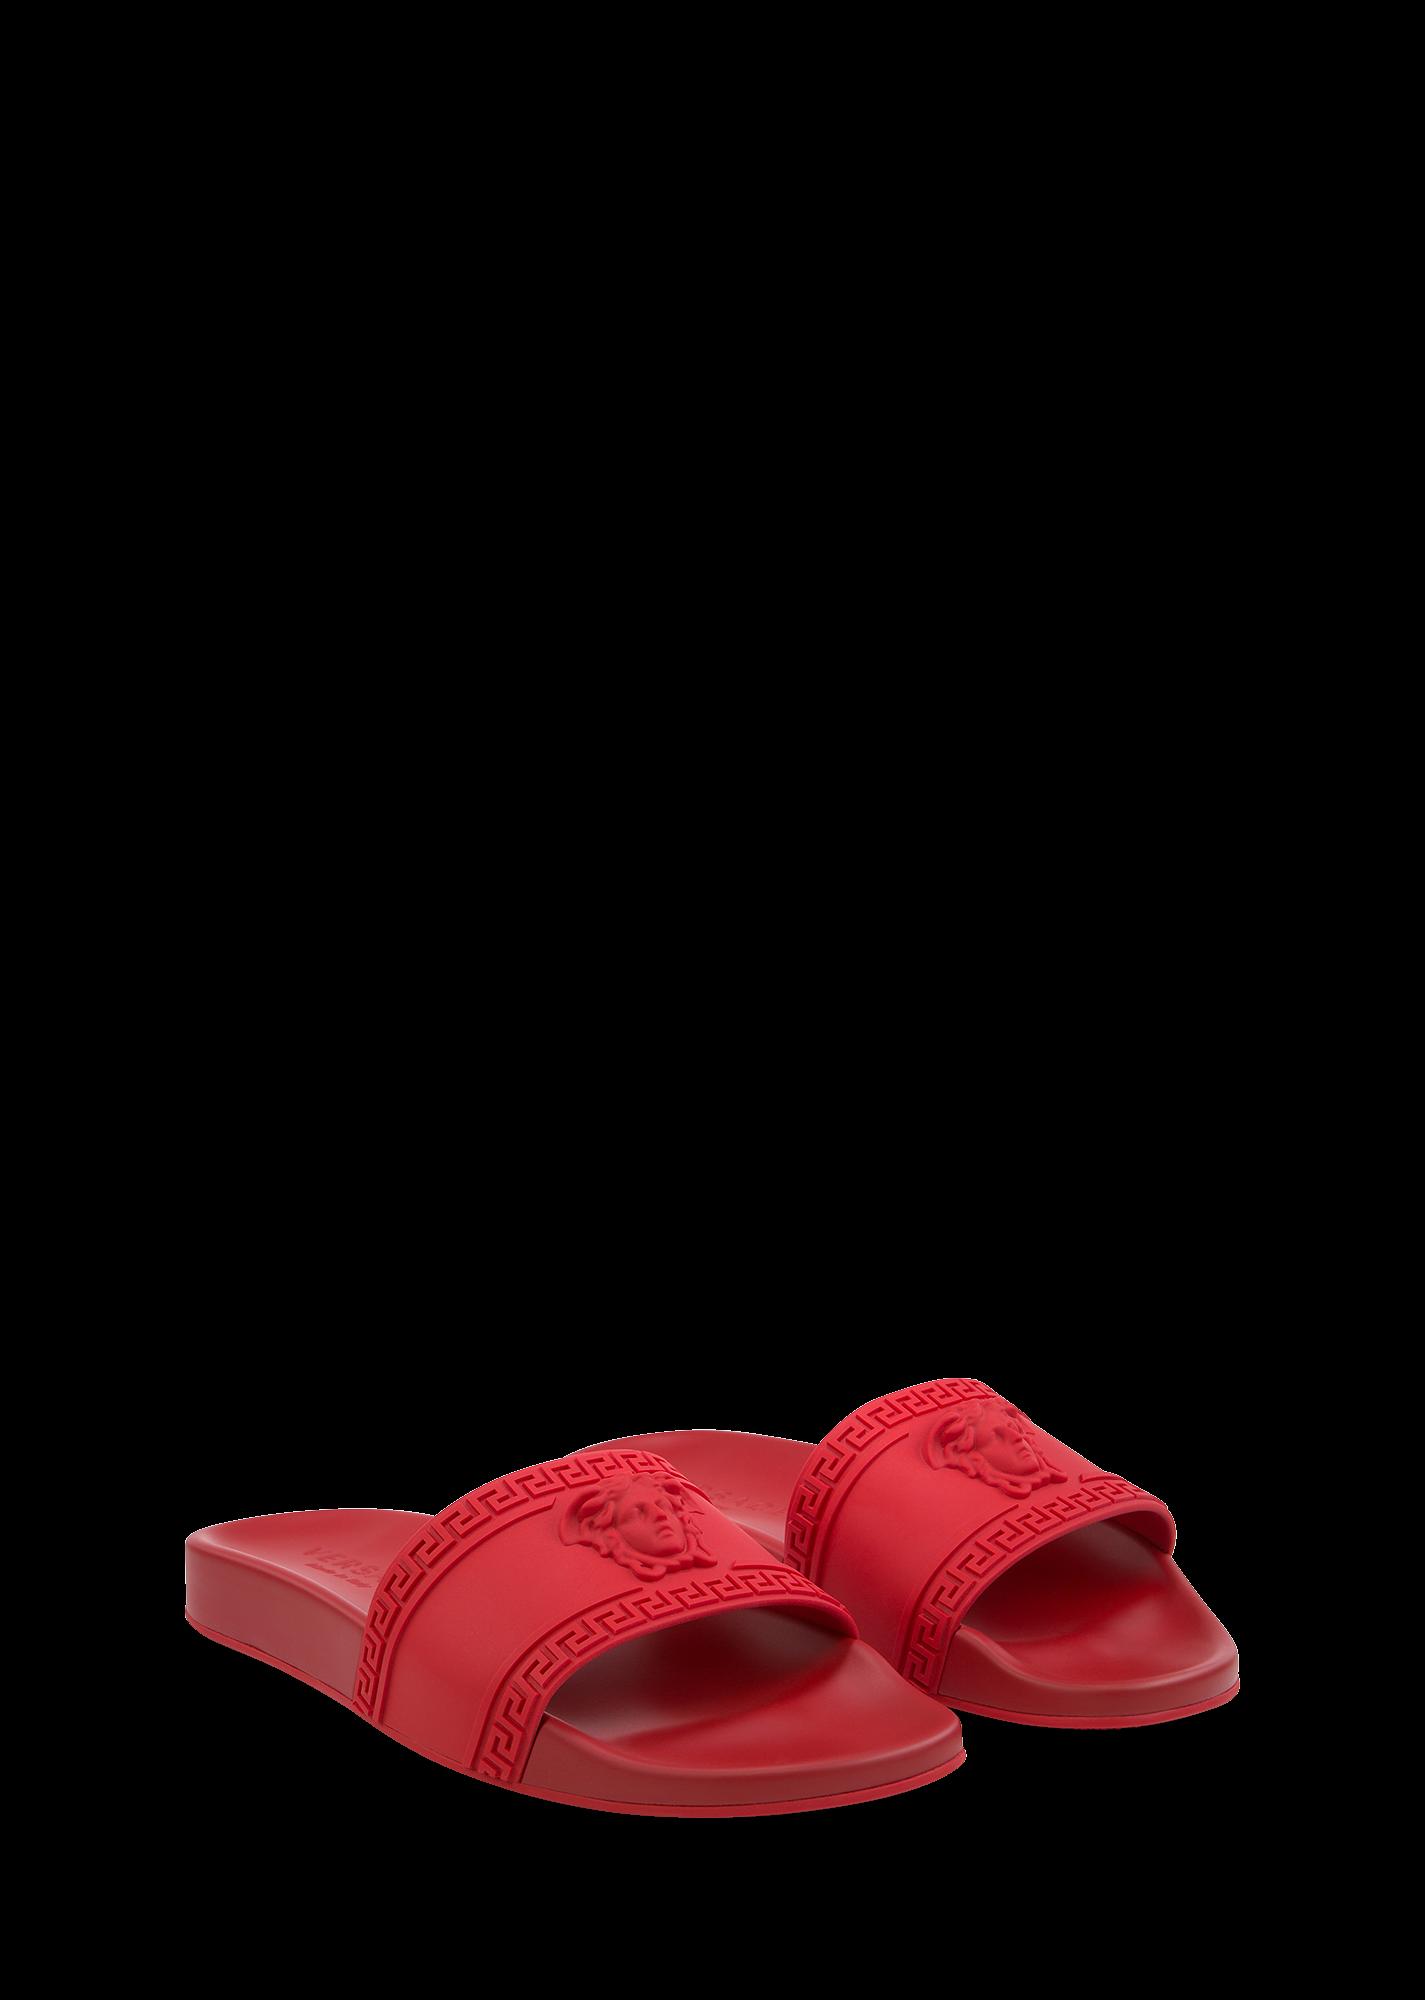 jpg freeuse stock Versace Palazzo Medusa beach sandal for Men